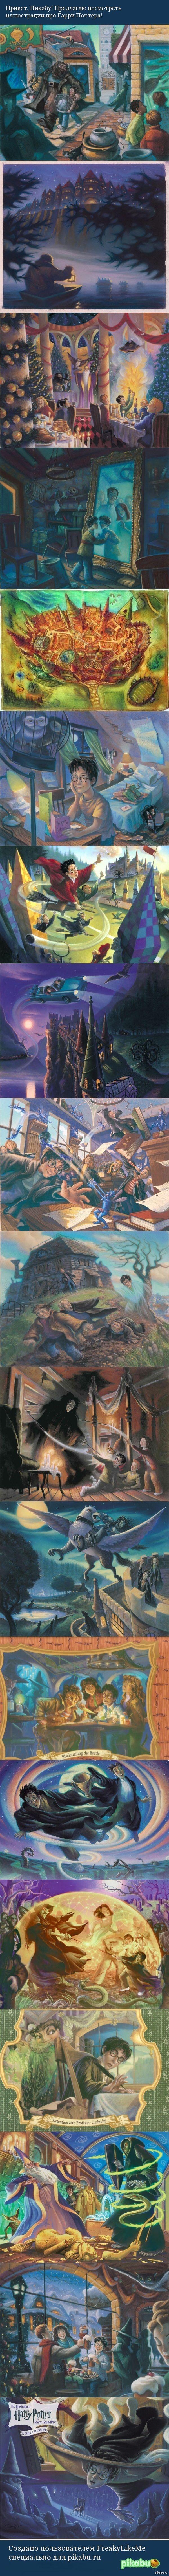 Иллюстрации про Гарри Поттера